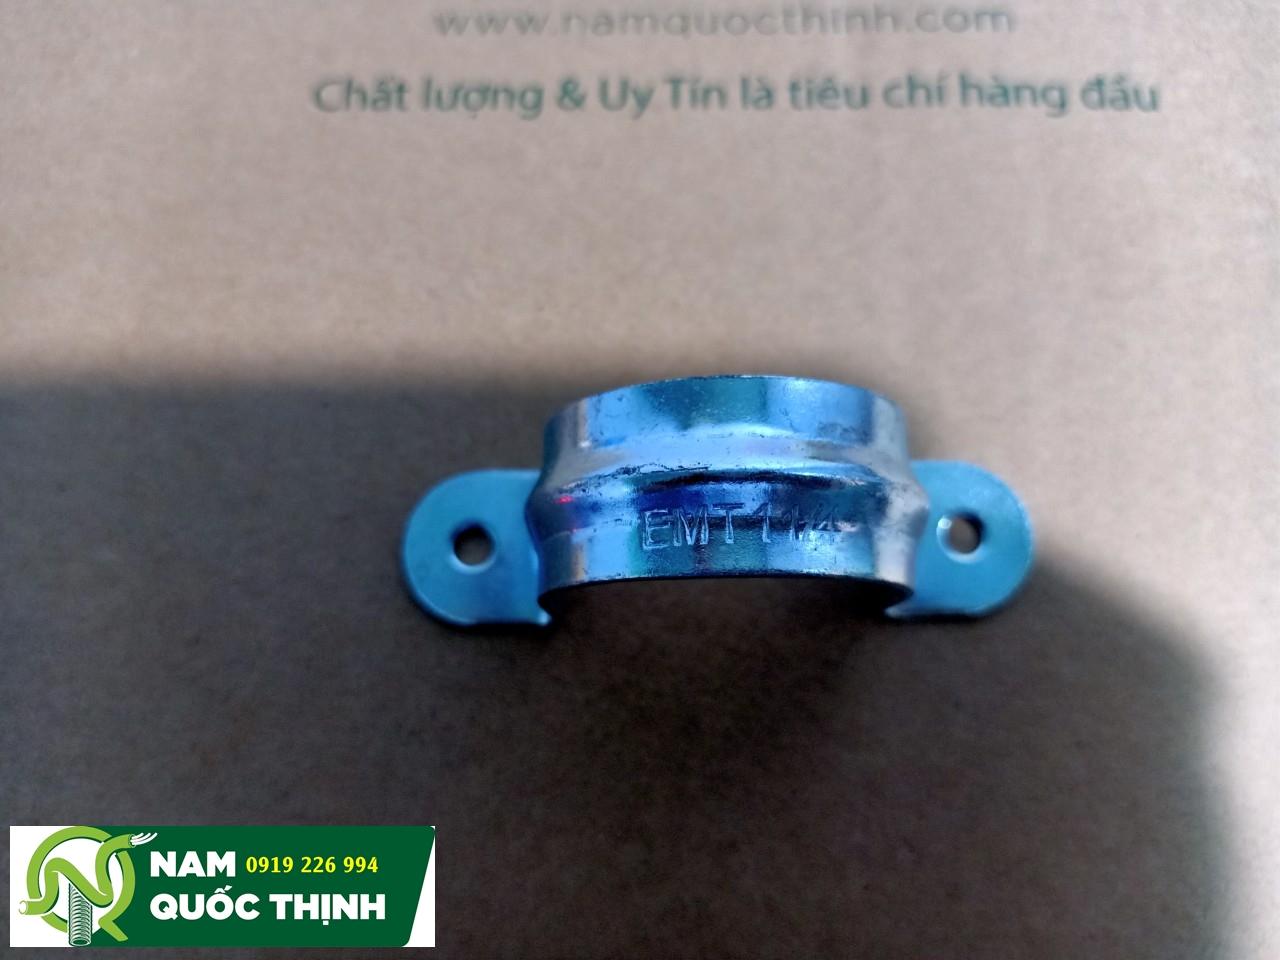 Kẹp omega giữ ống thép luồn dây điện trơn phi 42